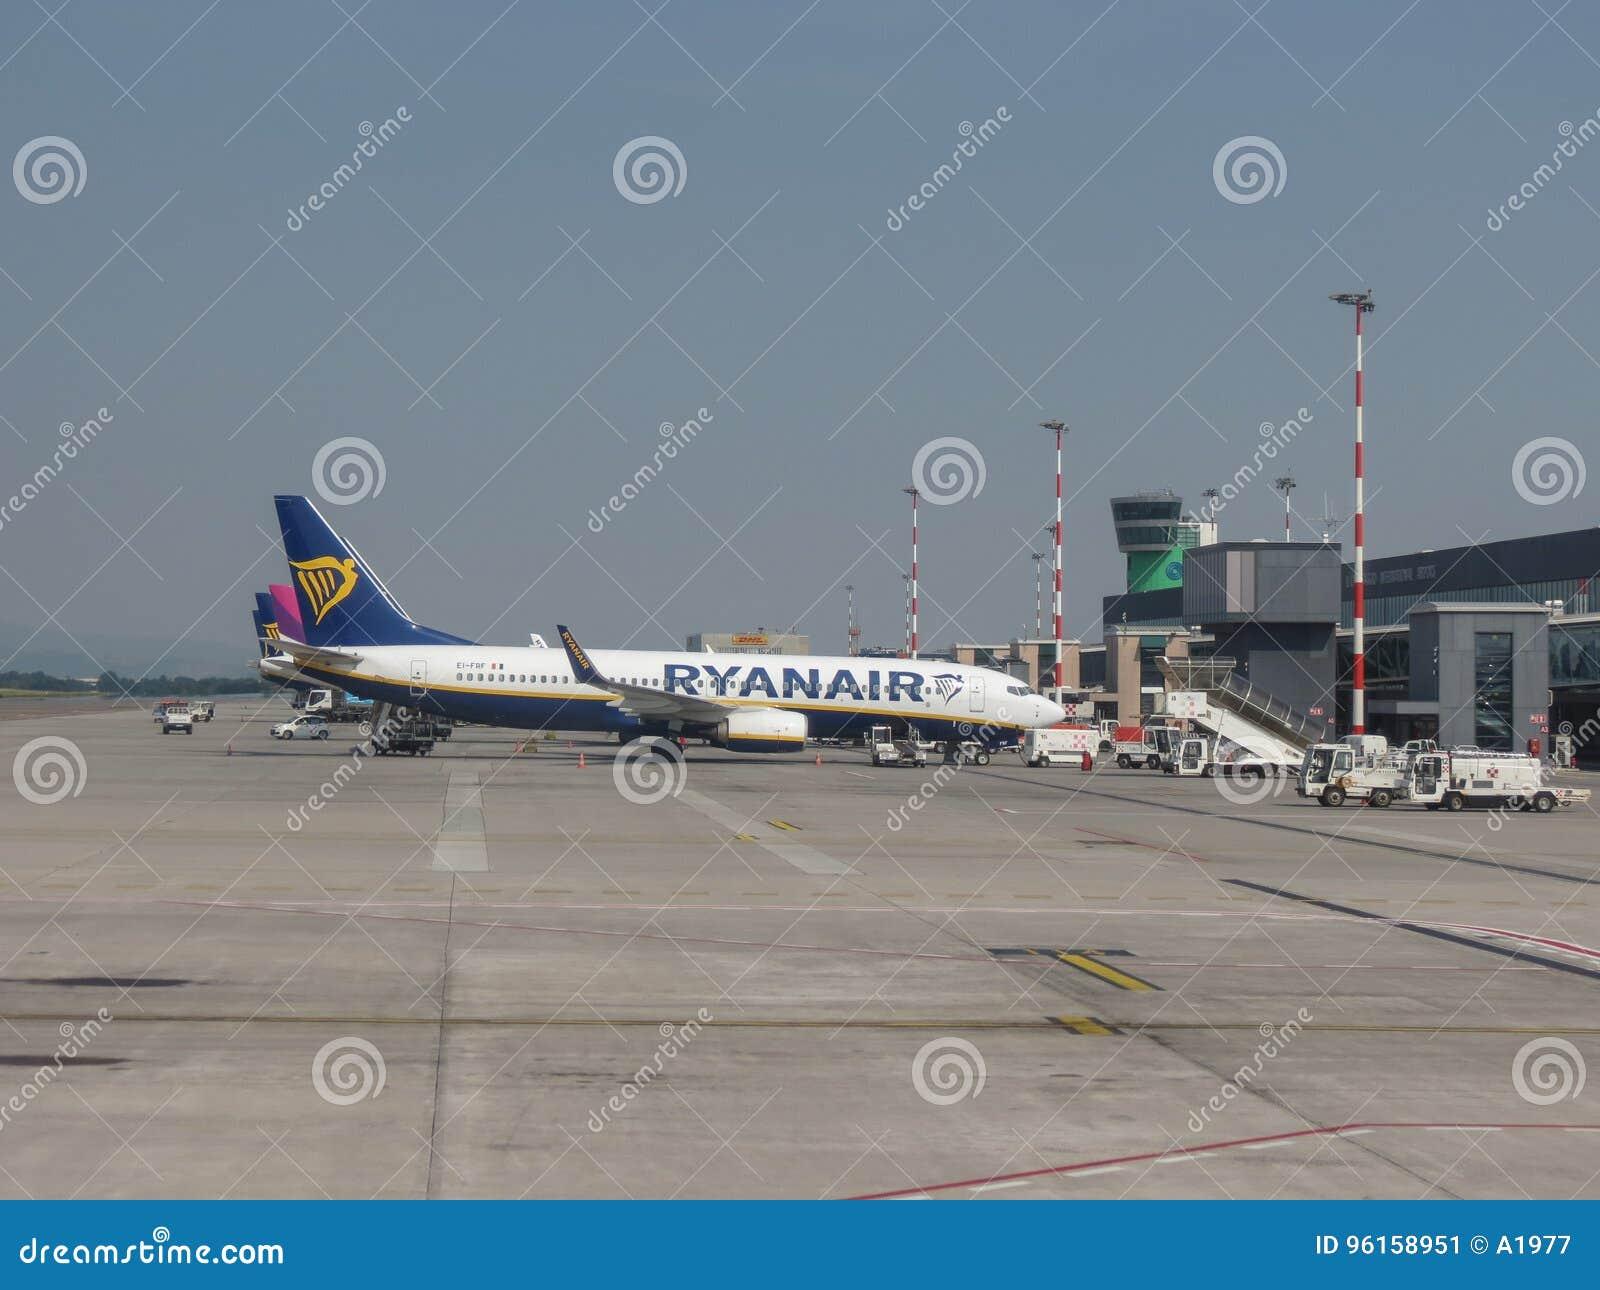 Aeroporto Orio Al Serio : Aereo fuori pista finisce sulla tangenziale paura a bergamo